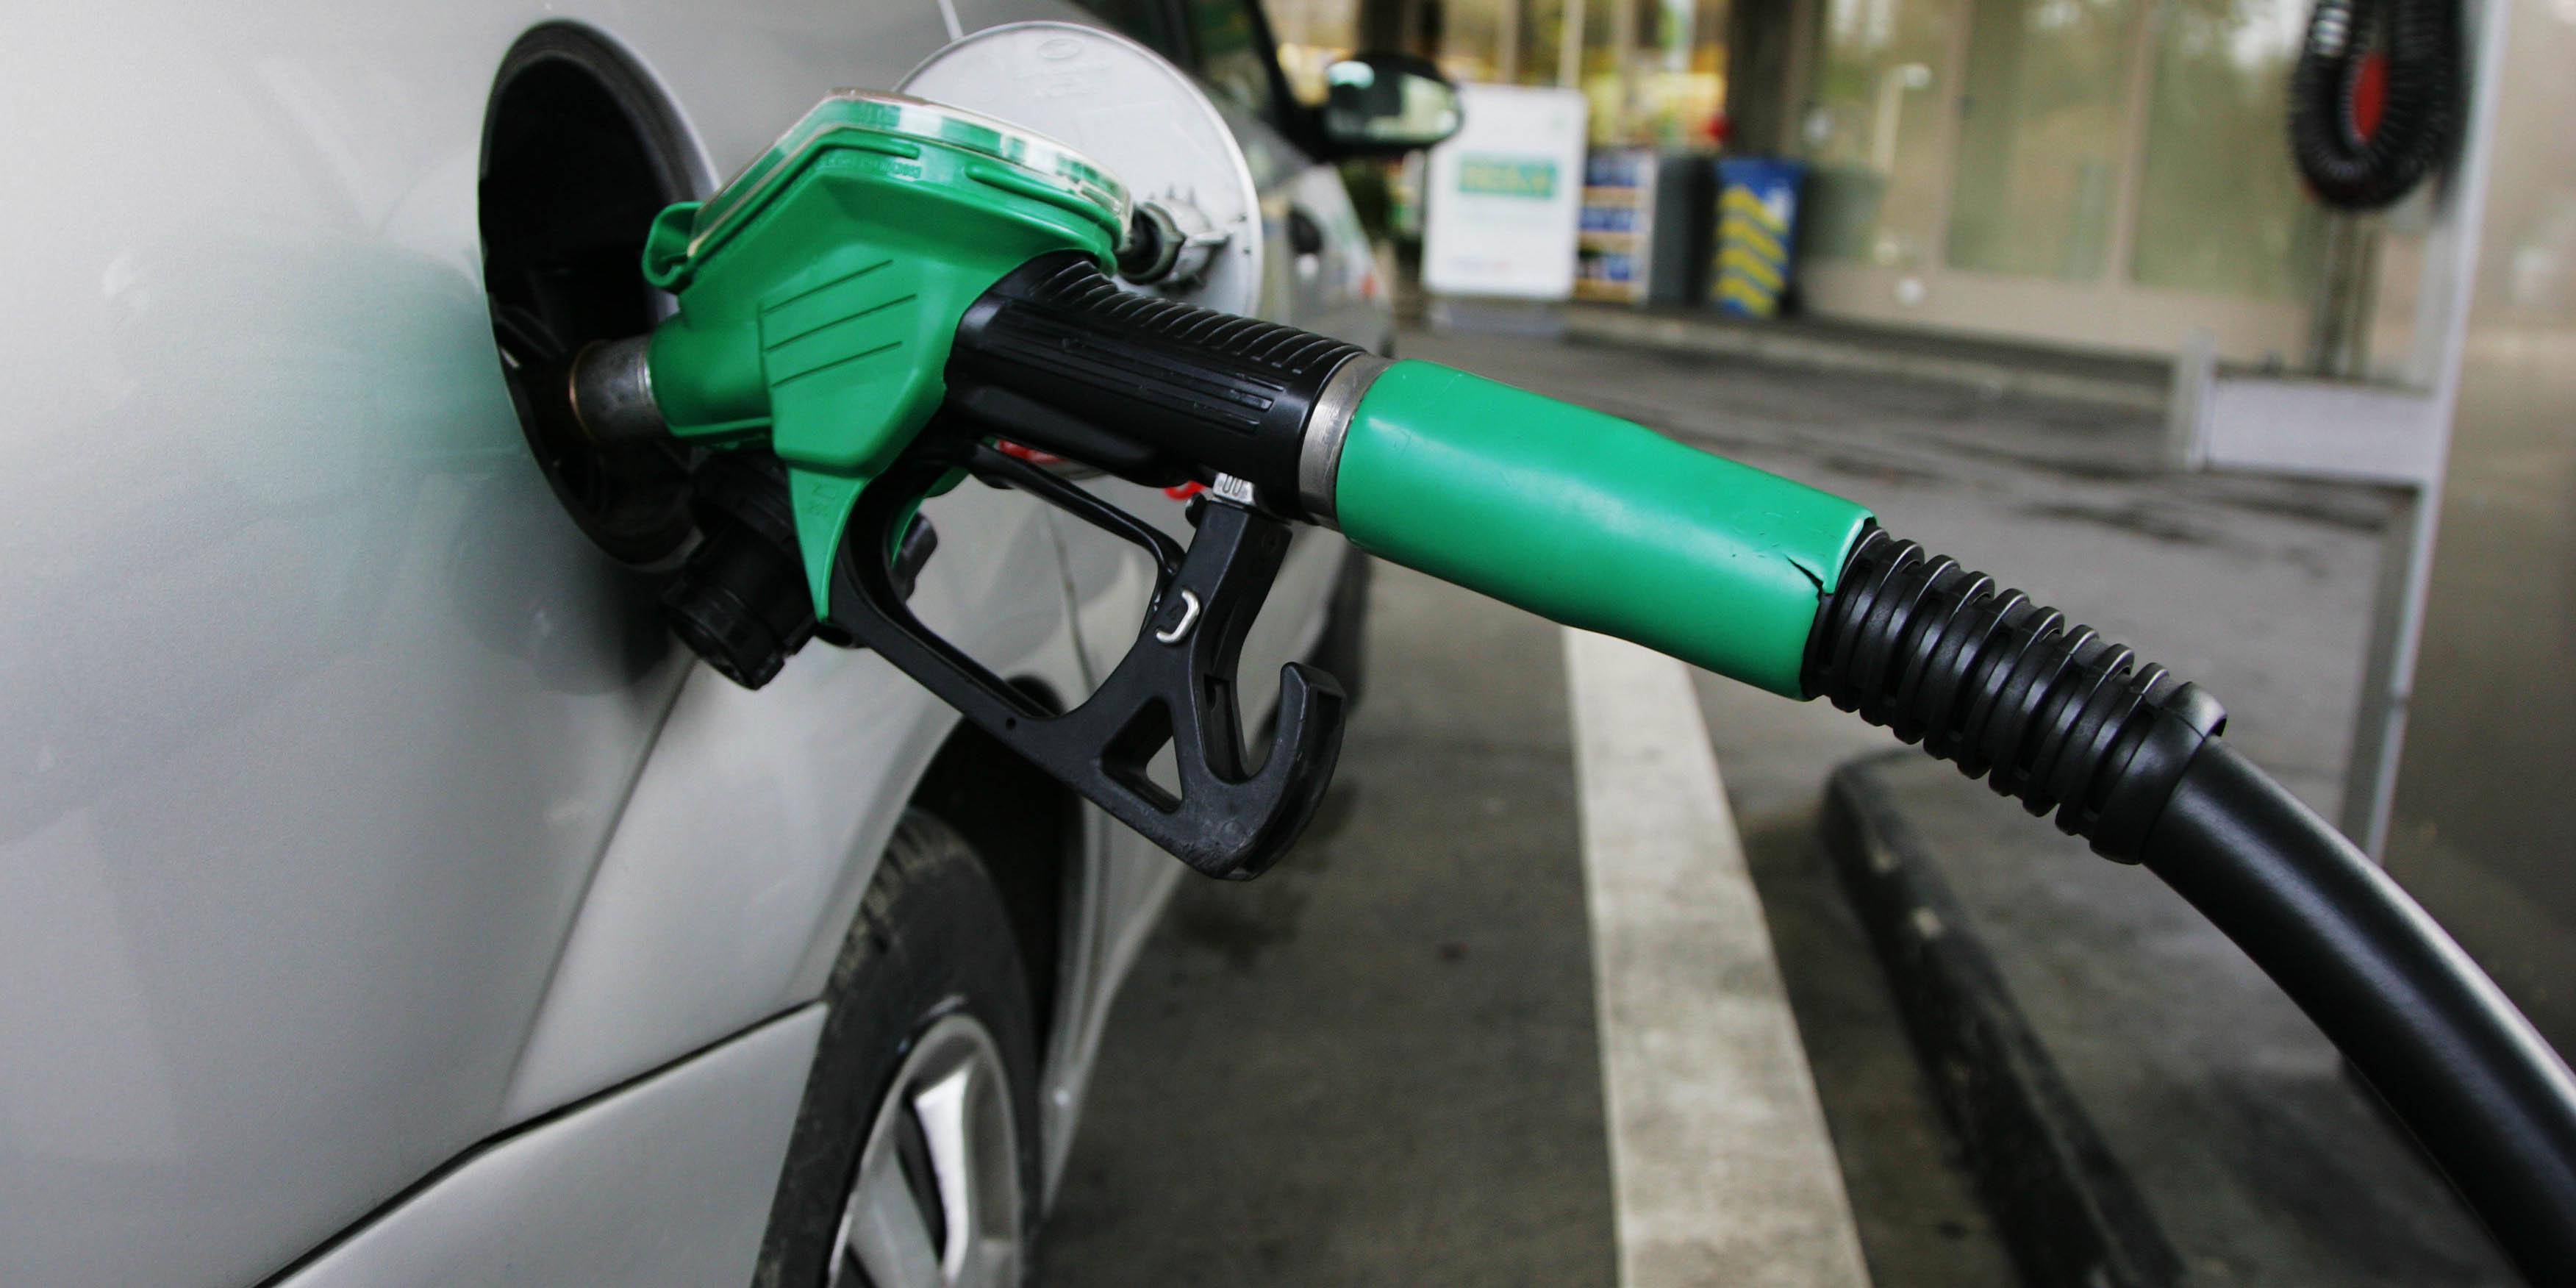 قیمت حاملهای انرژی در سال ۹۷ مشابه ۹۶ است/ افزایش قیمت بنزین مستلزم دونرخی شدن است